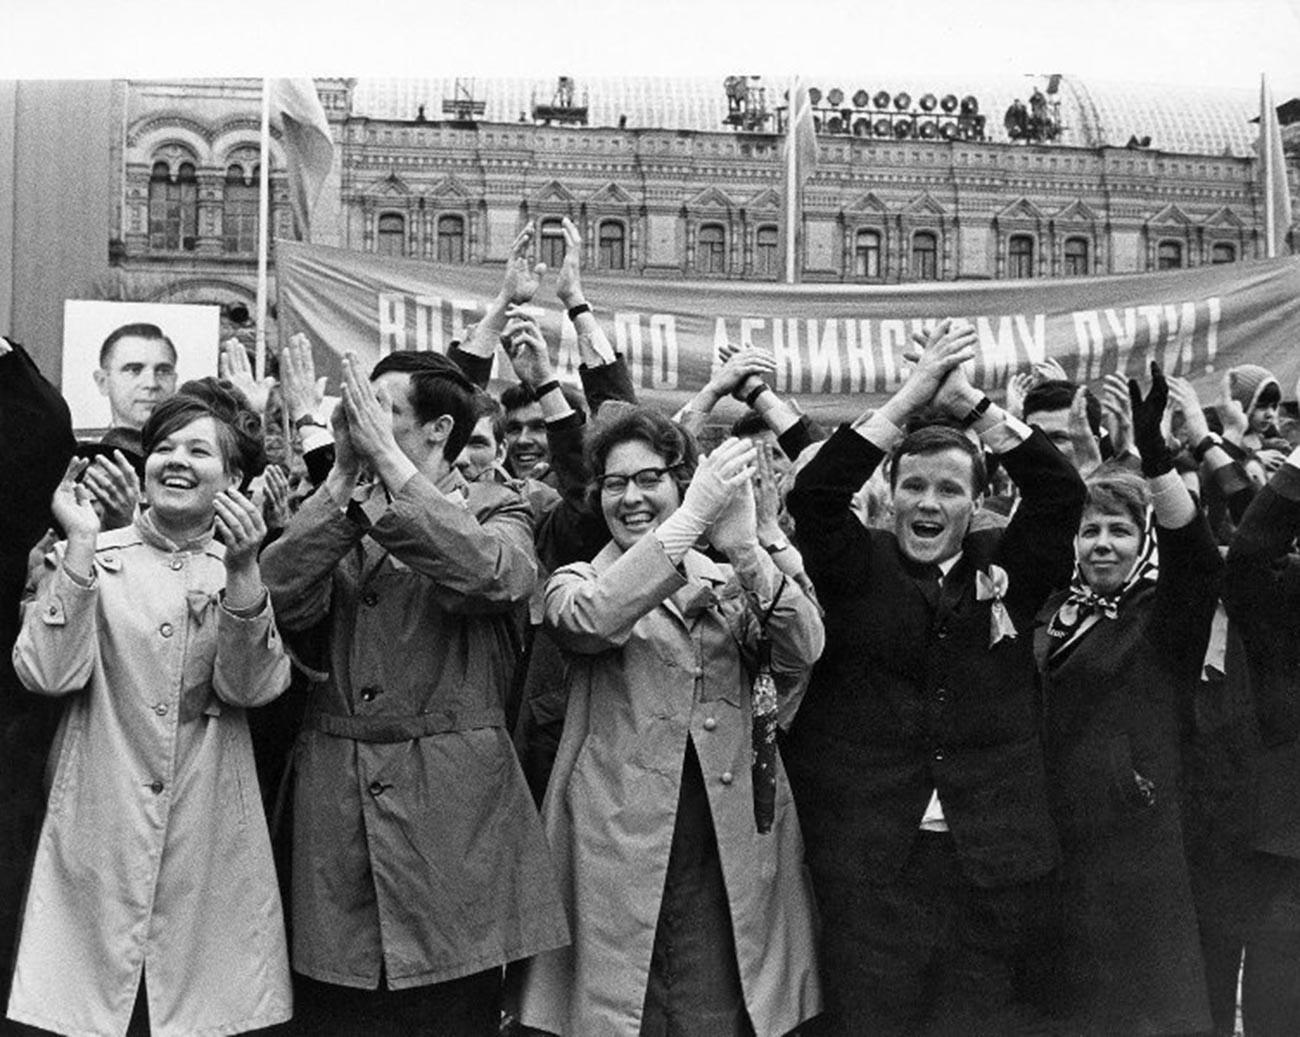 赤の広場で行われたメーデーのパレード、1970年代